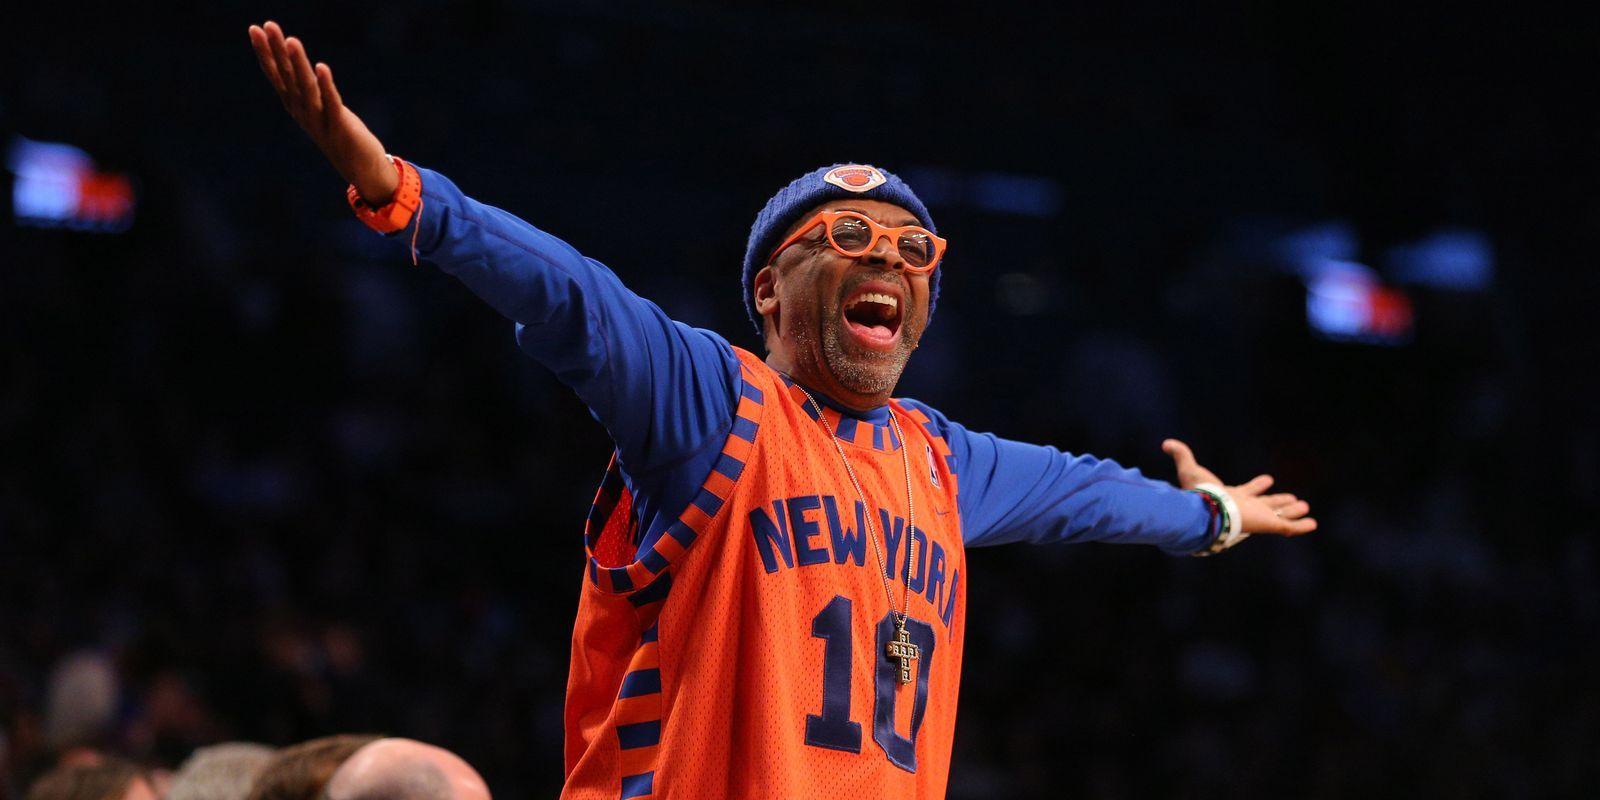 nba  new york knicks at brooklyn nets